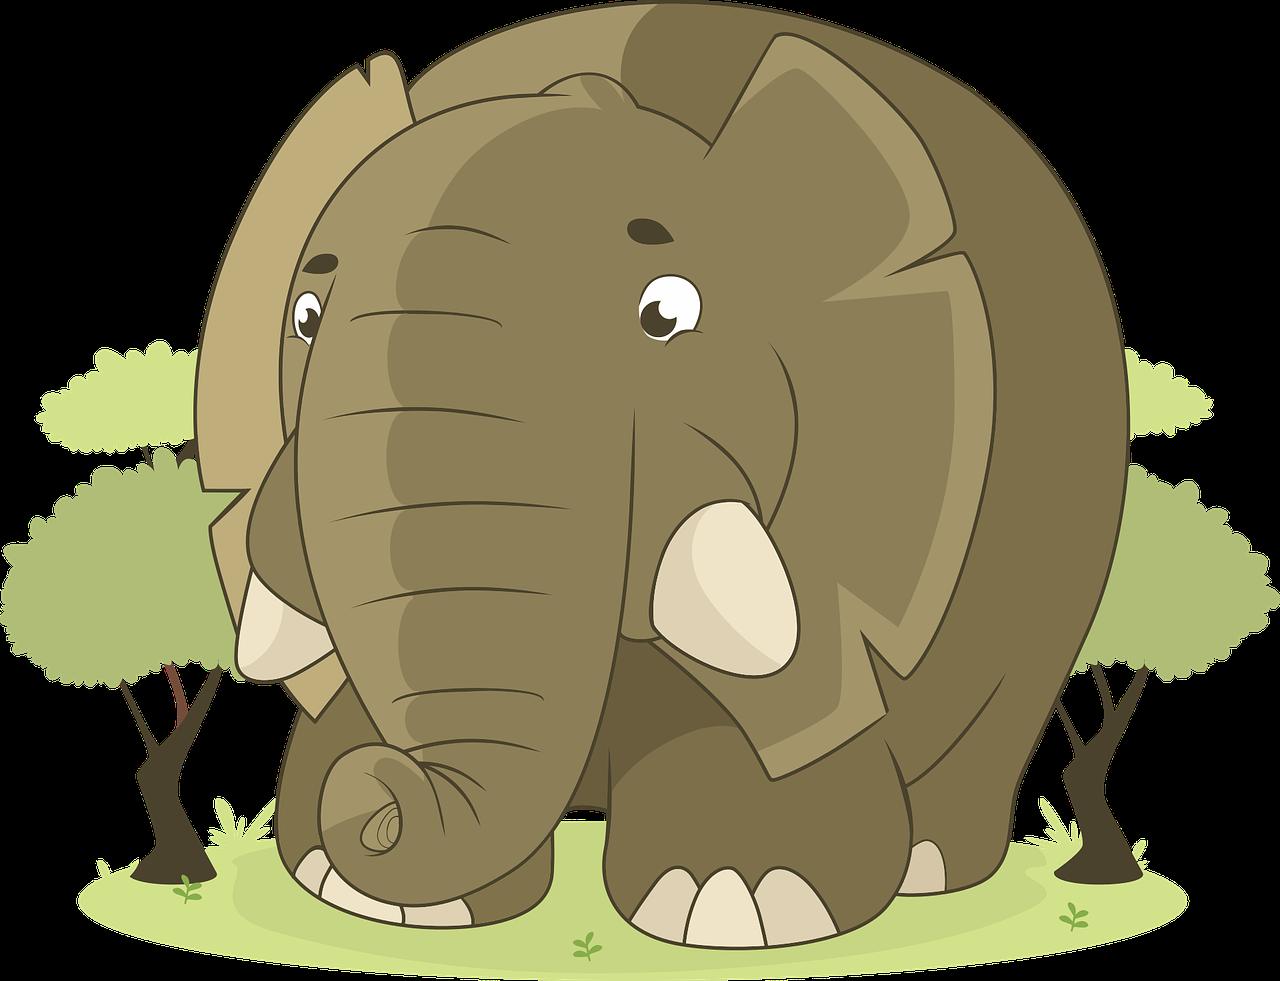 der Elefant/-en